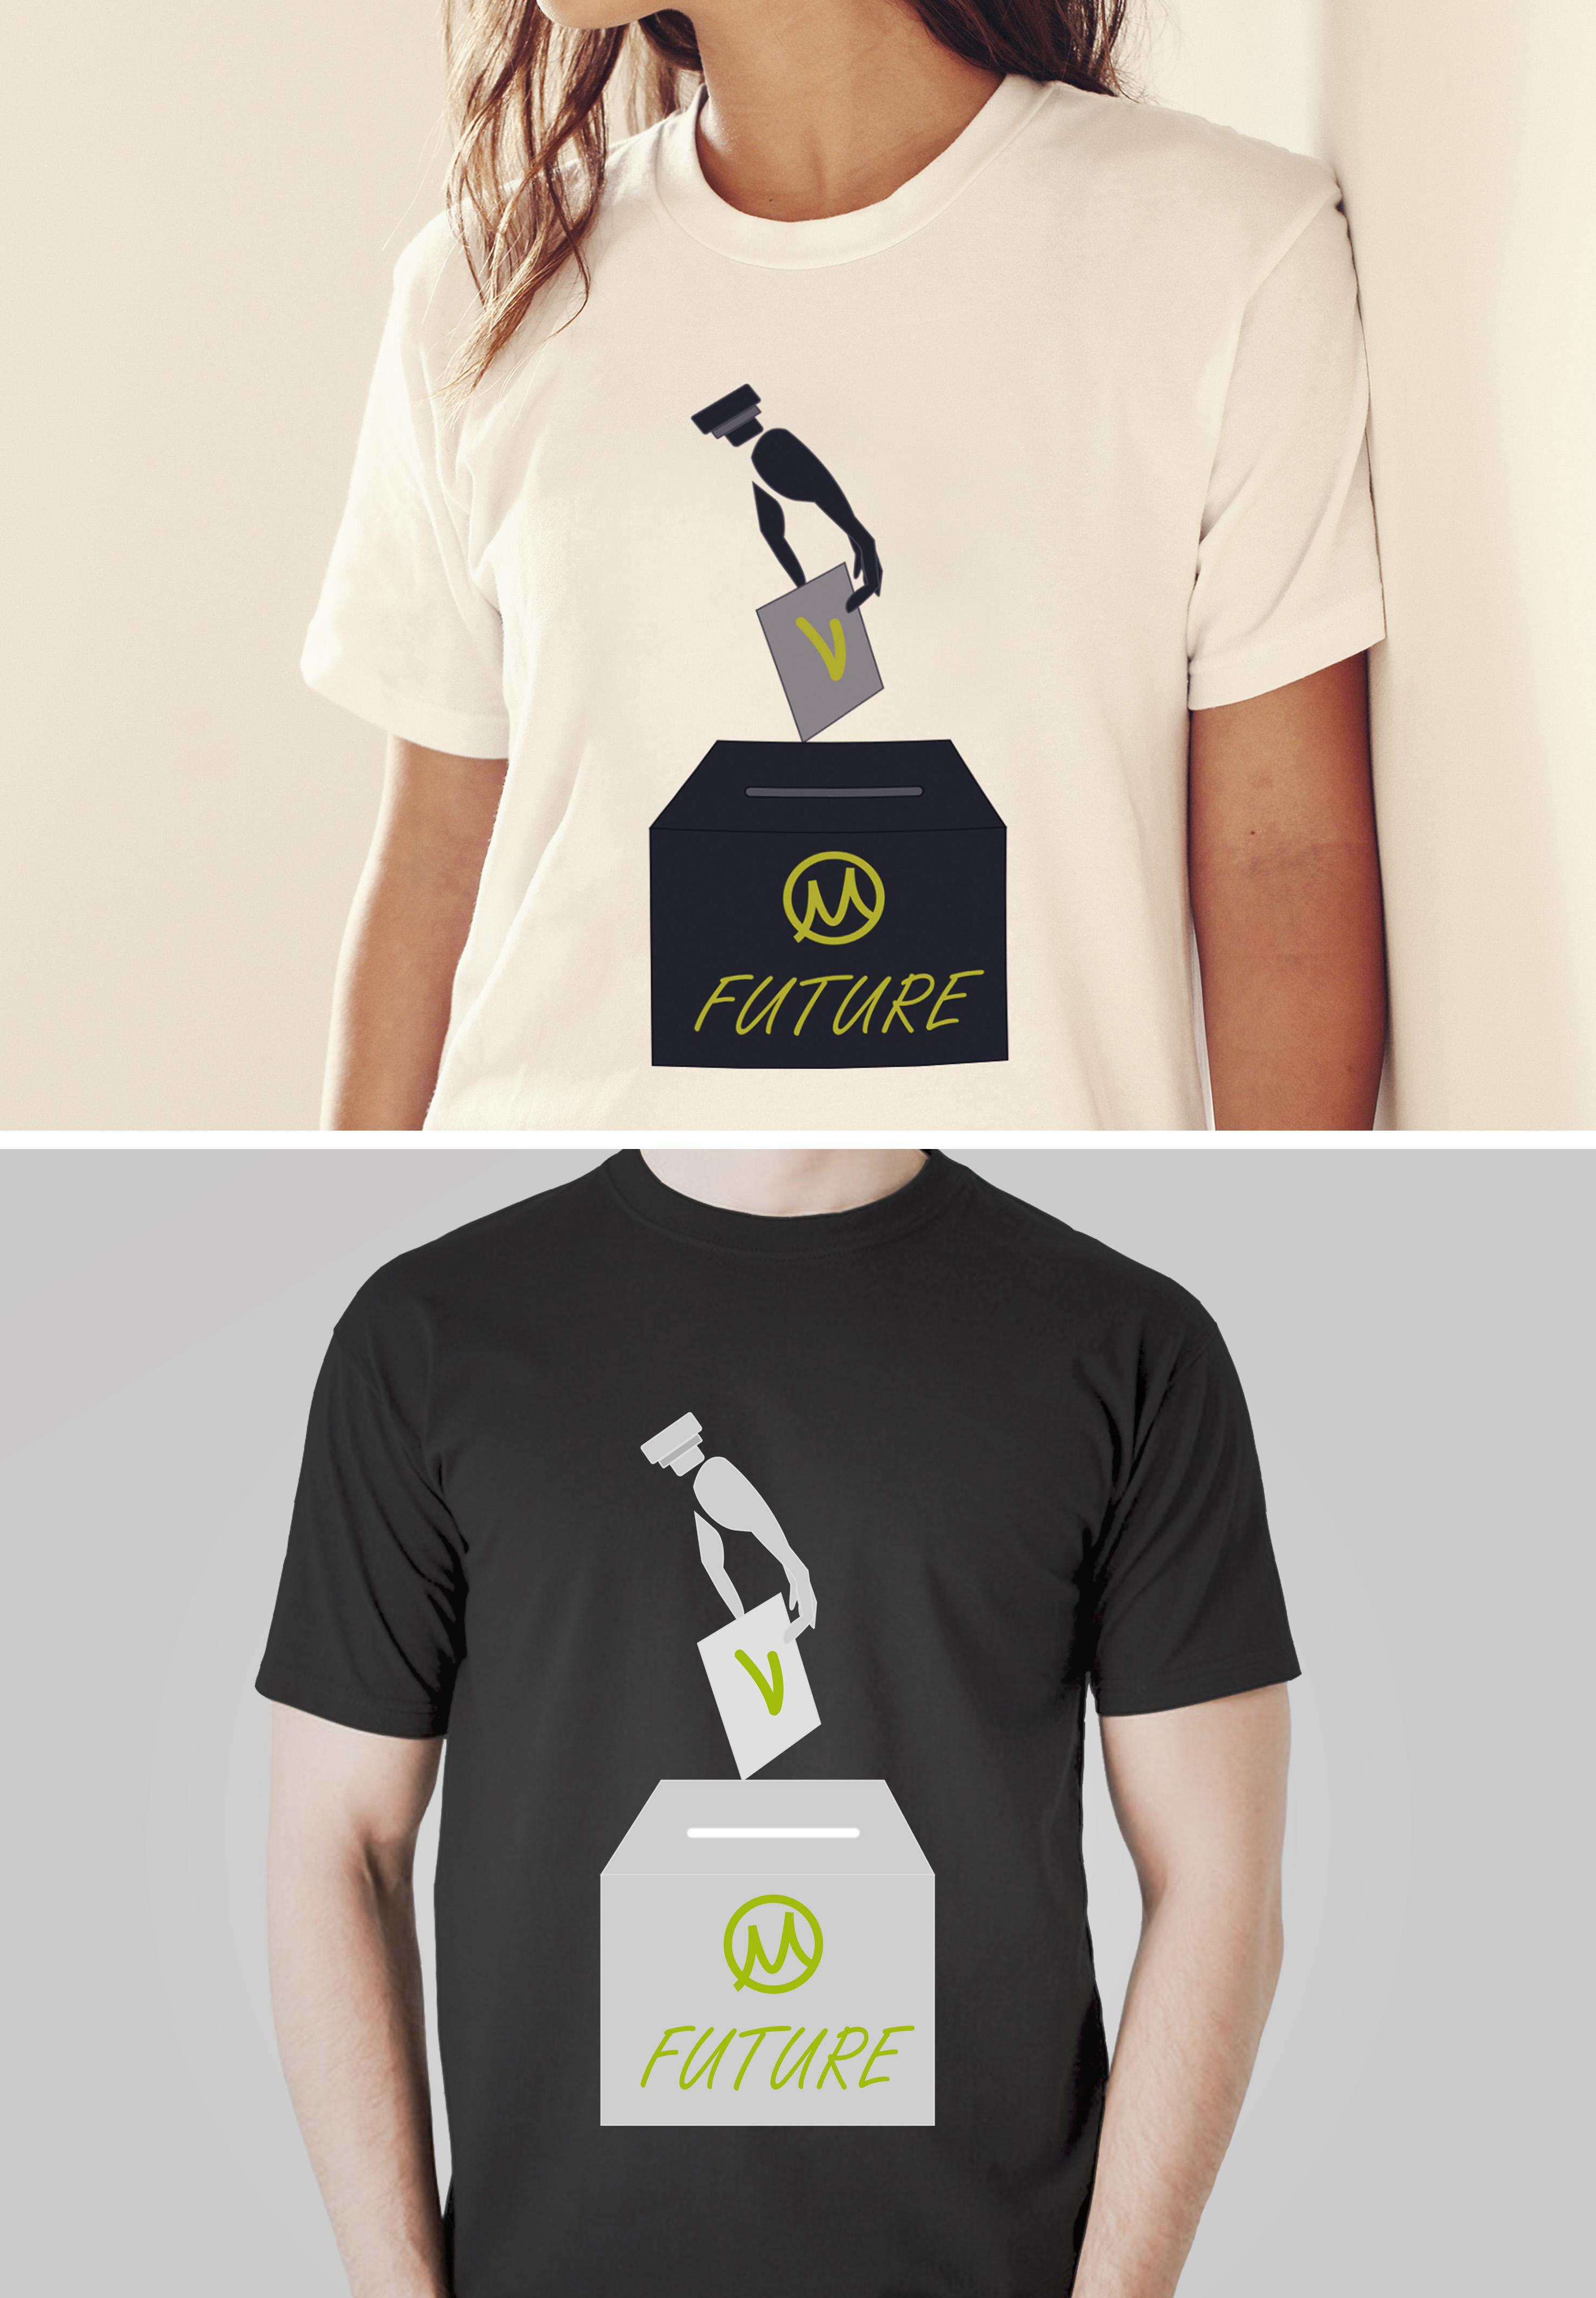 Нарисовать принты на футболки для компании Моторика фото f_22560a66f112bd1a.jpg